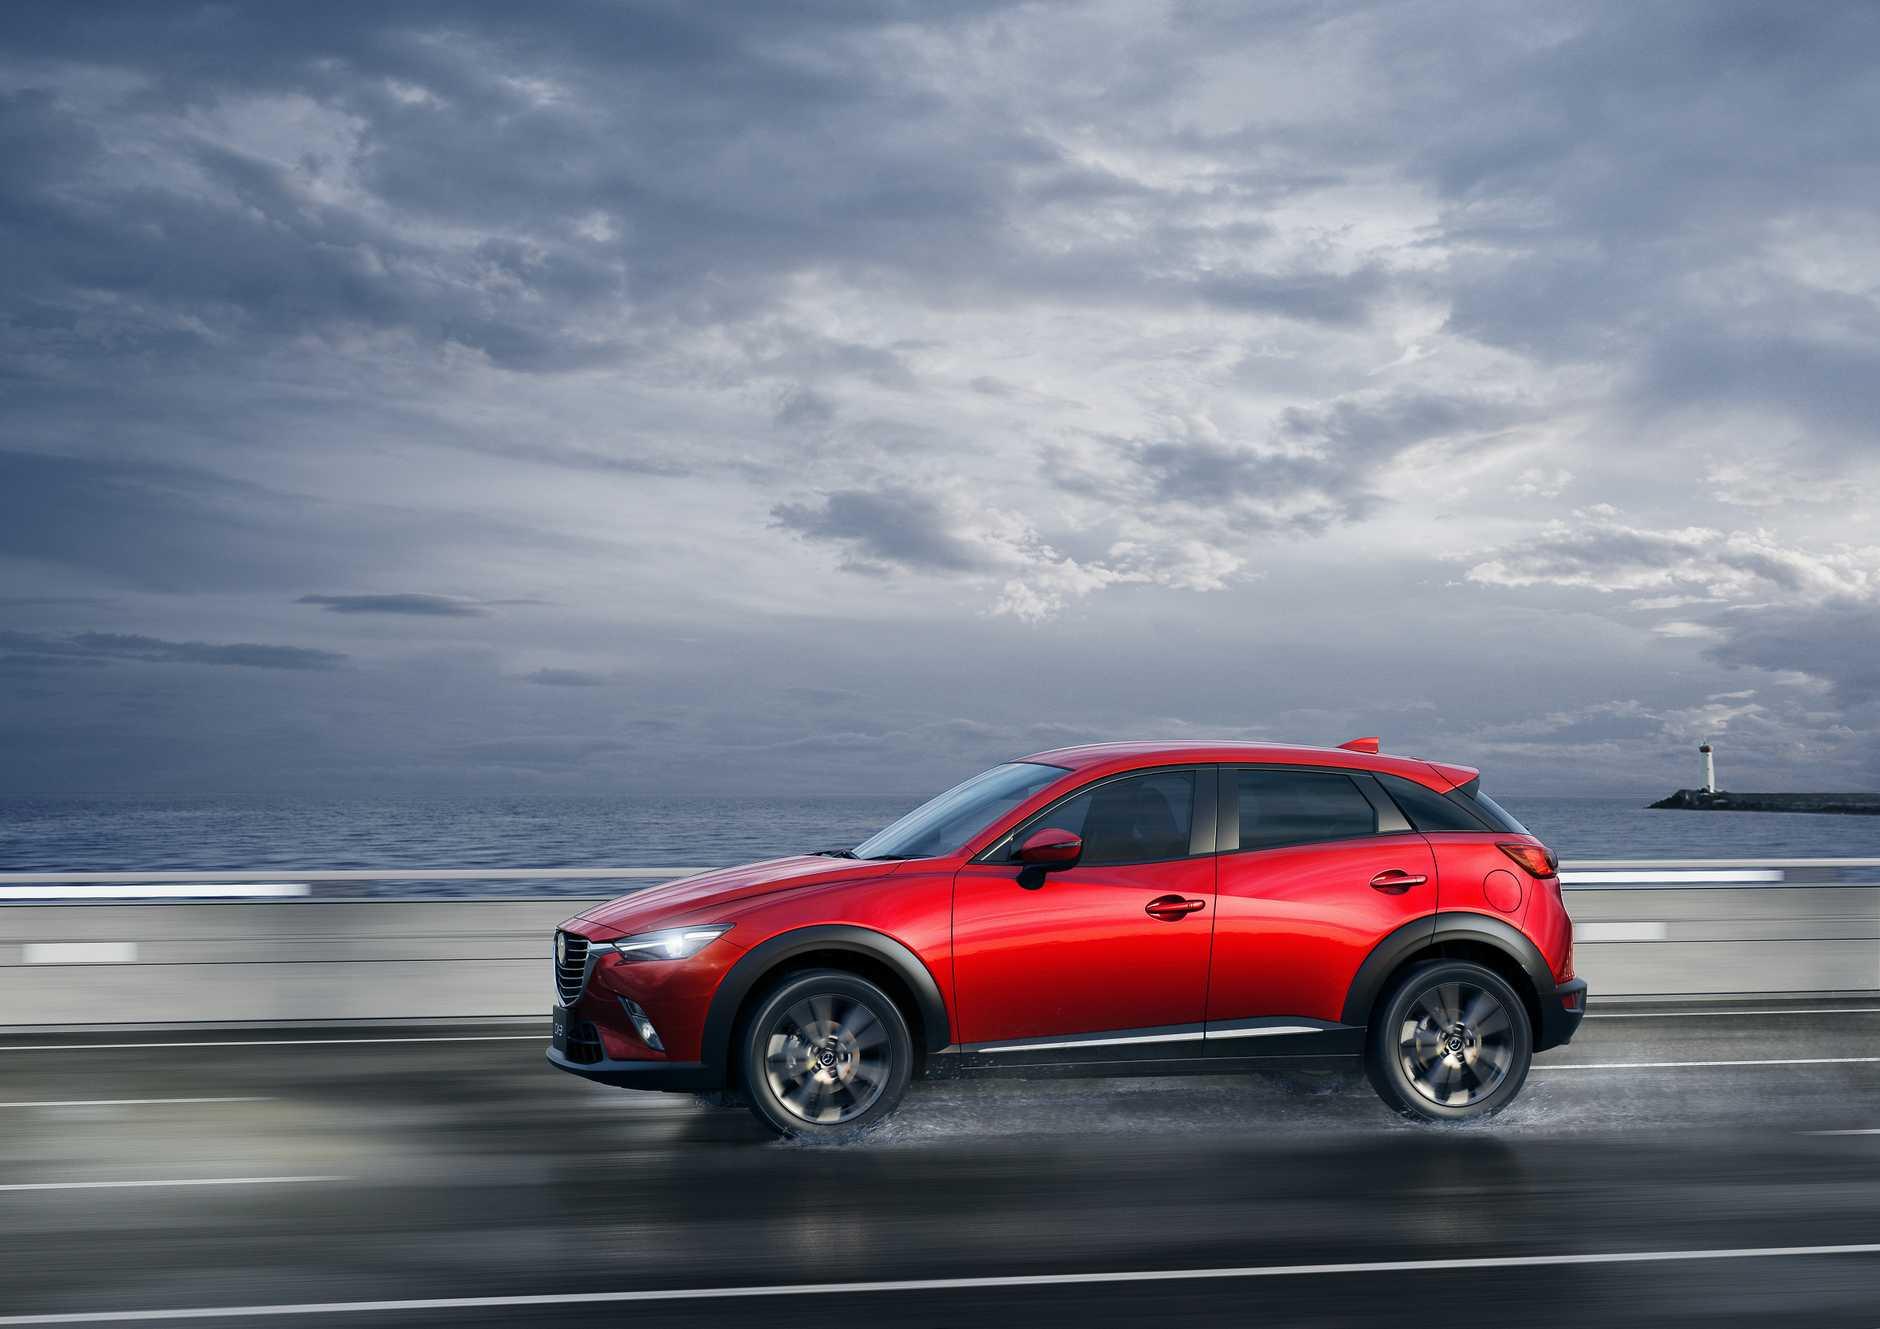 The Mazda CX-3.